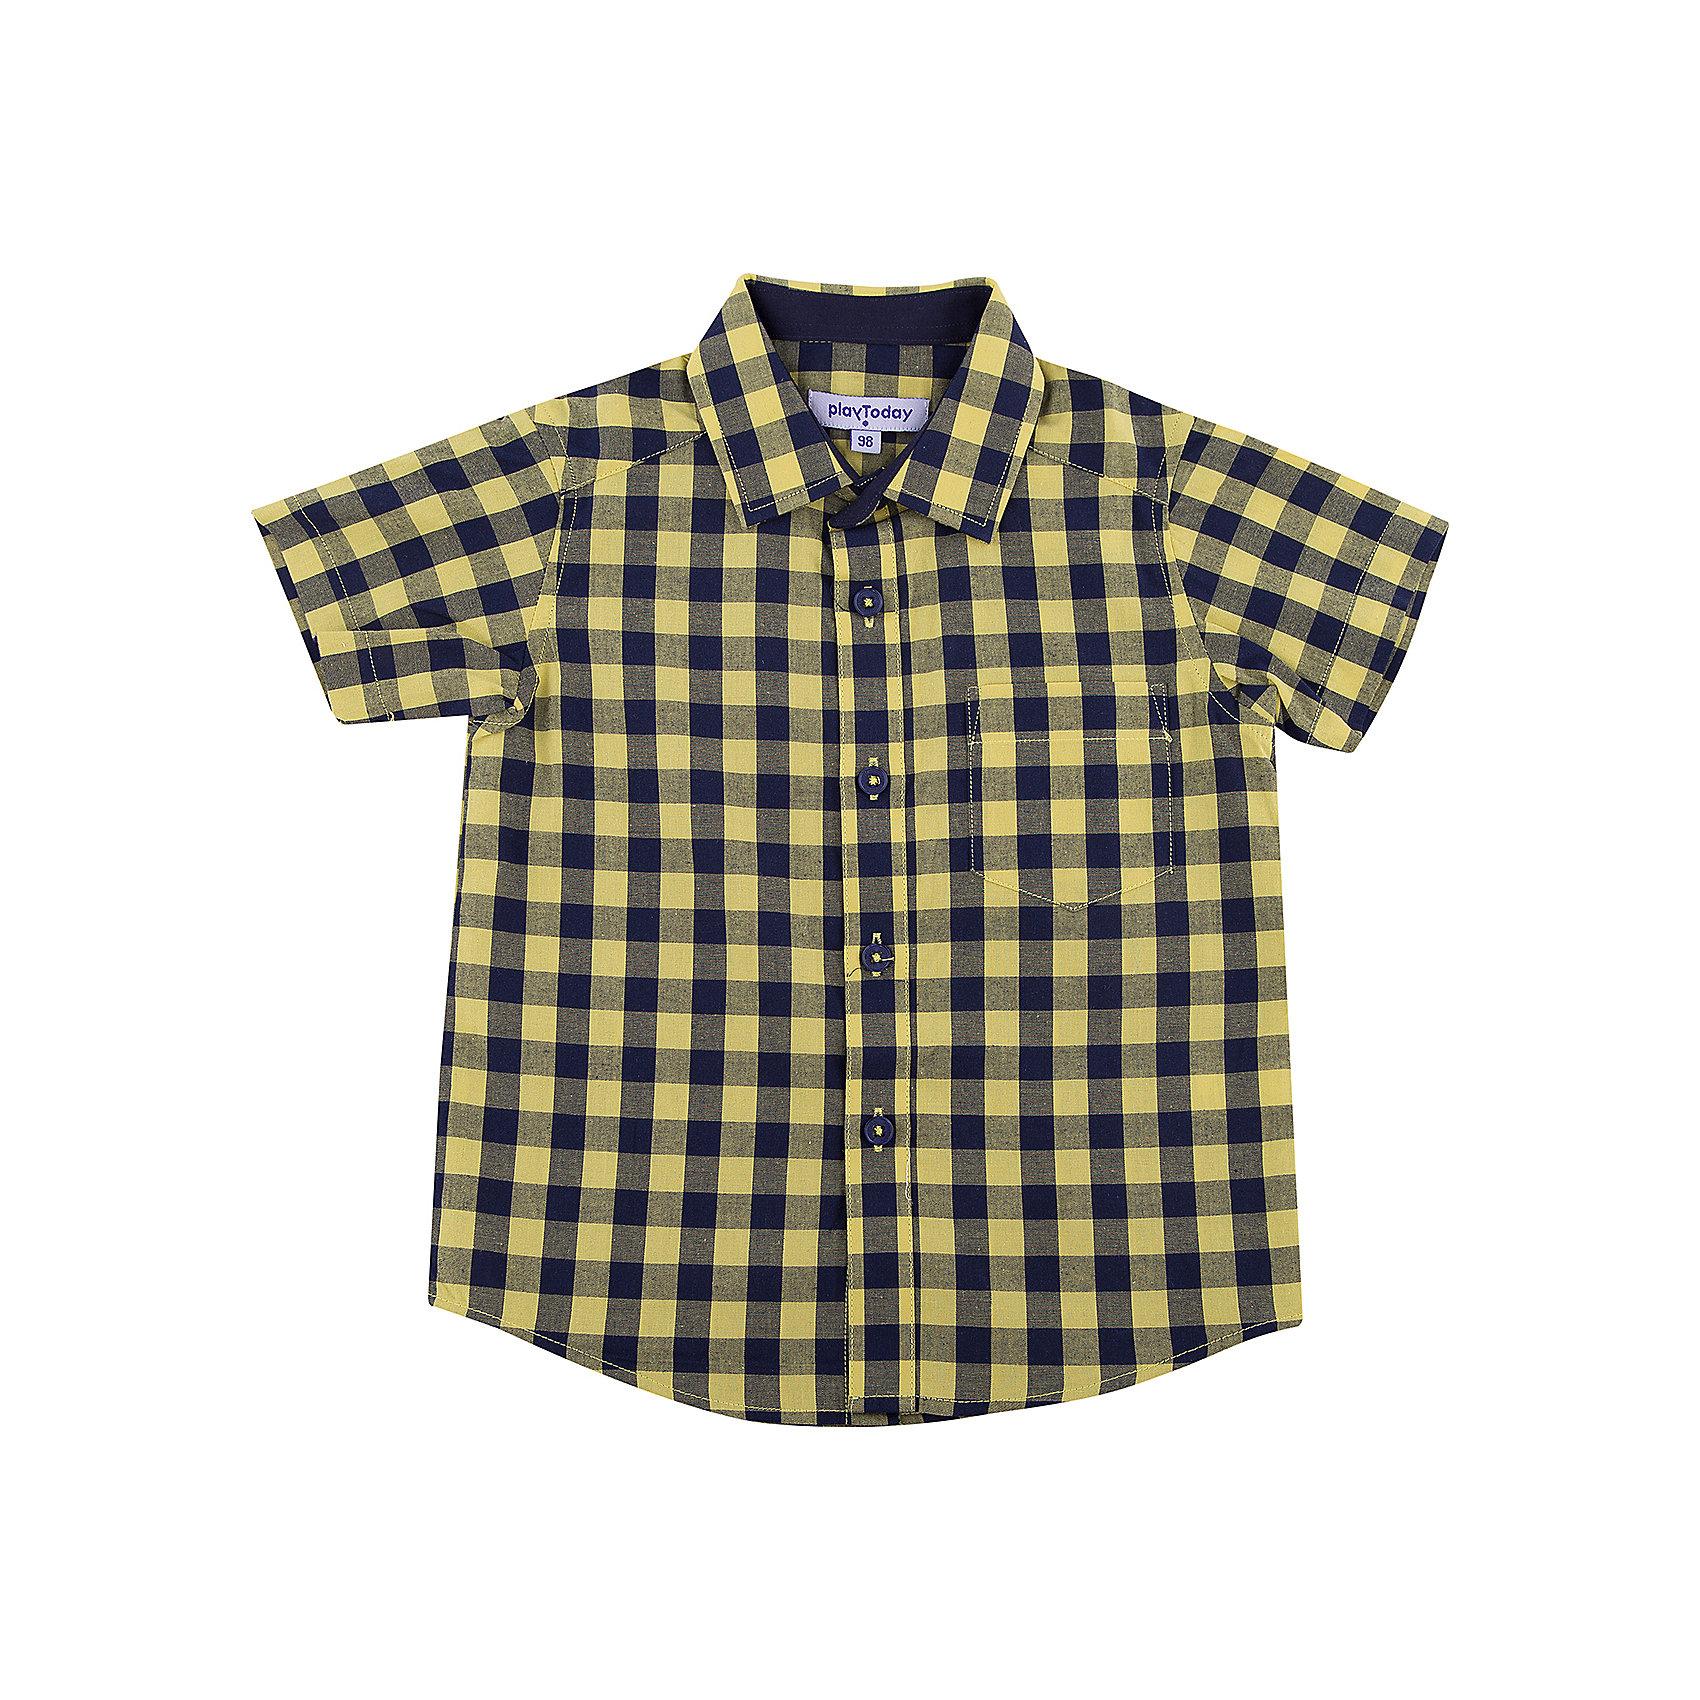 Рубашка для мальчика PlayTodayБлузки и рубашки<br>Рубашка для мальчика PlayToday<br>Эффектная сорочка с коротким рукавом для мальчика в стиле кантри.  Практична и очень удобна для повседневной носки. Ткань  мягкая и приятная на ощупь, не раздражает нежную детскую кожу. Стиль отвечает всем последним тенденциям детской моды.  Рубашка с отложным воротничком и накладным карманом. Даже в самой активной игре  Ваш ребенок будет всегда иметь аккуратный вид.Преимущества: Качественная тонкая ткань не раздражает нежную кожу ребенкаМодель с отложным воротником  и накладным карманом<br>Состав:<br>100% хлопок<br><br>Ширина мм: 174<br>Глубина мм: 10<br>Высота мм: 169<br>Вес г: 157<br>Цвет: разноцветный<br>Возраст от месяцев: 84<br>Возраст до месяцев: 96<br>Пол: Мужской<br>Возраст: Детский<br>Размер: 128,98,104,110,116,122<br>SKU: 5403200